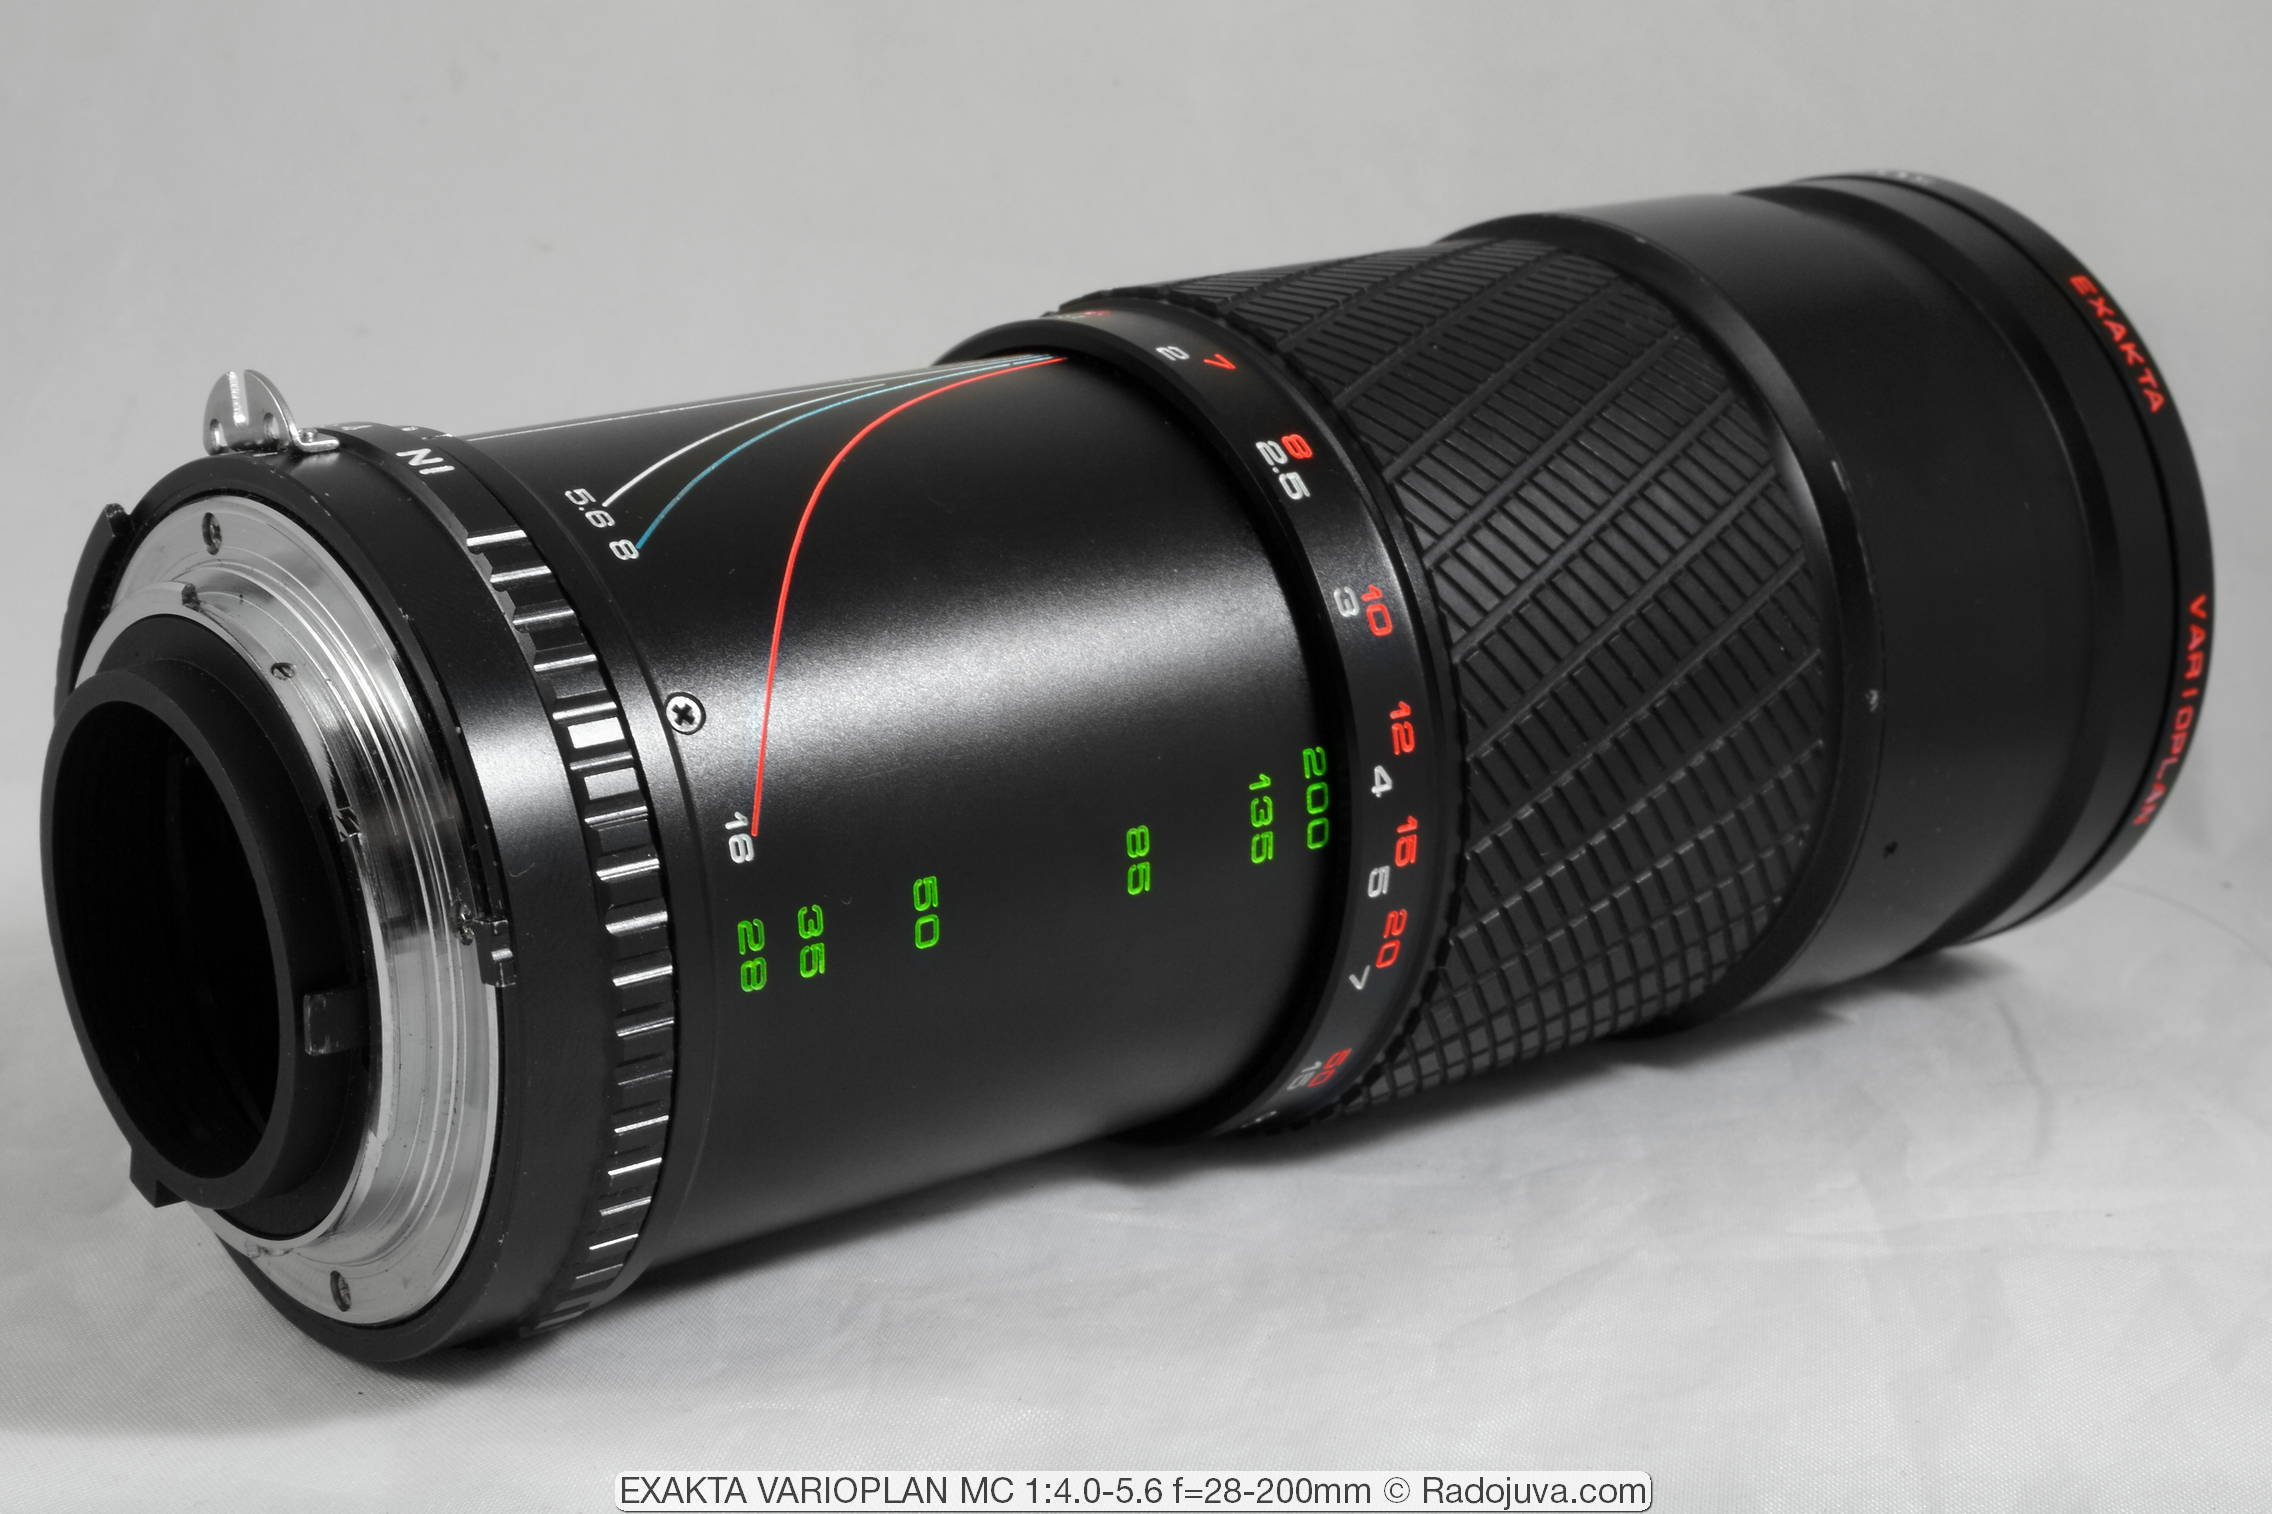 EXAKTA VARIOPLAN MC 1:4.0-5.6 f=28-200mm